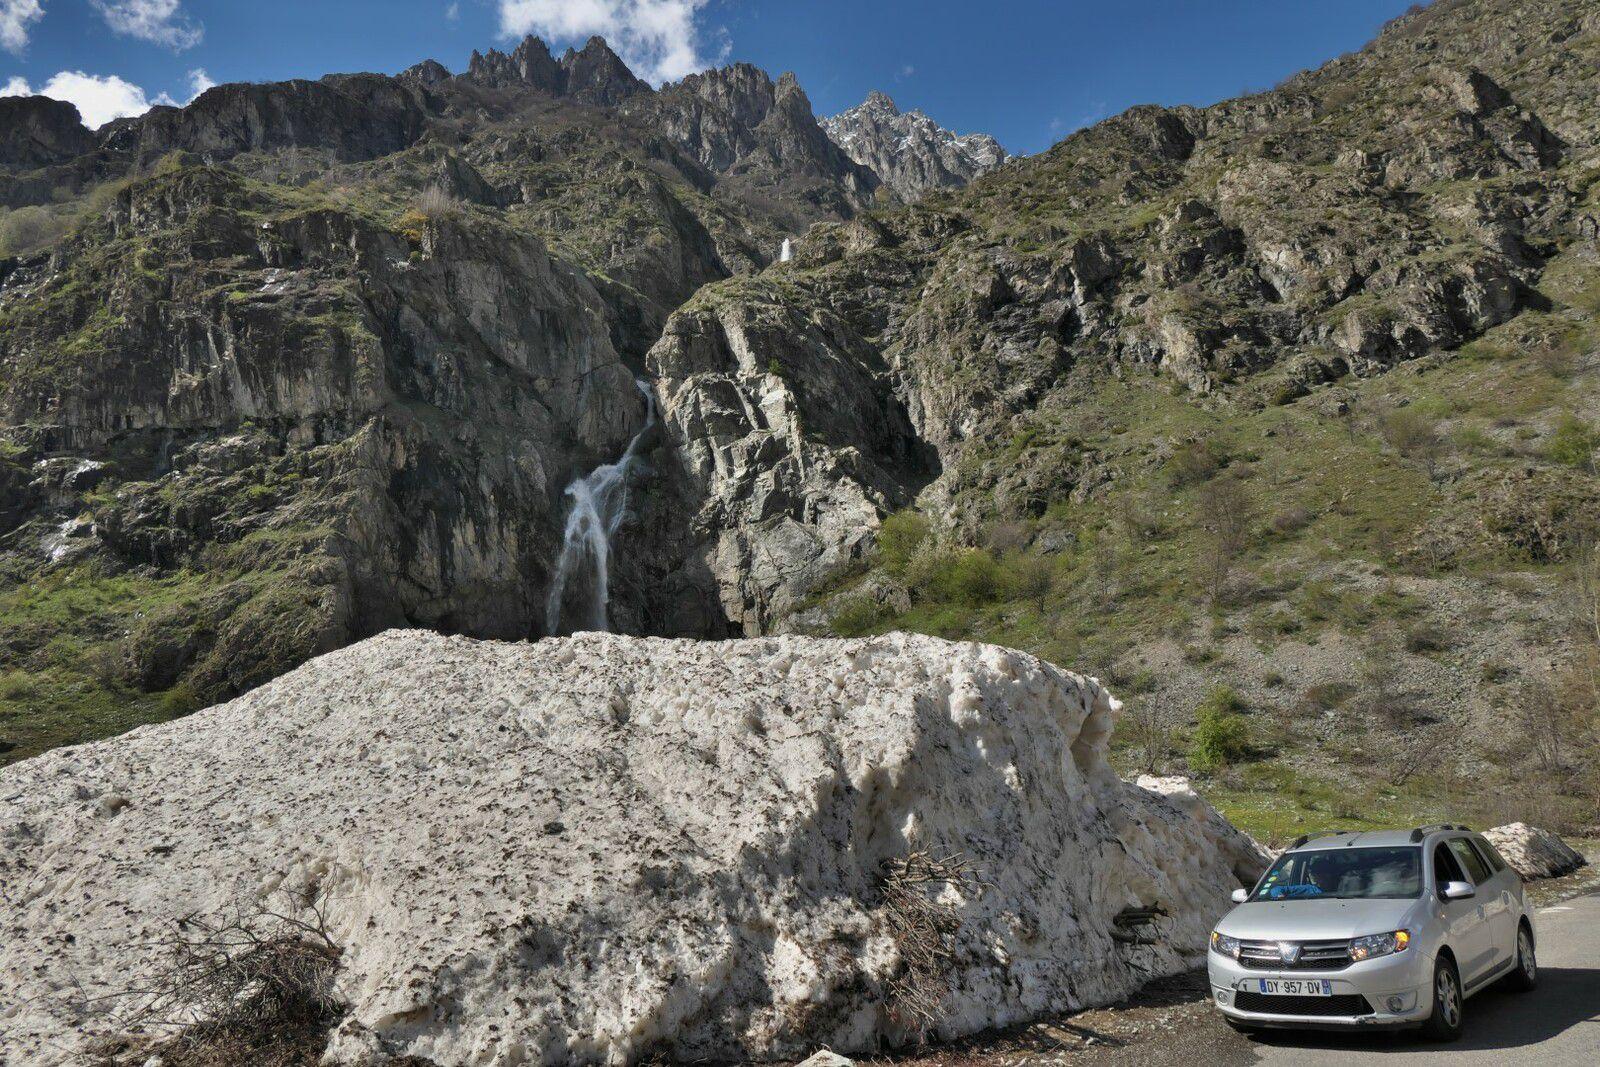 les restes de l'avalanche sur la route du Gioberney et le bivouac